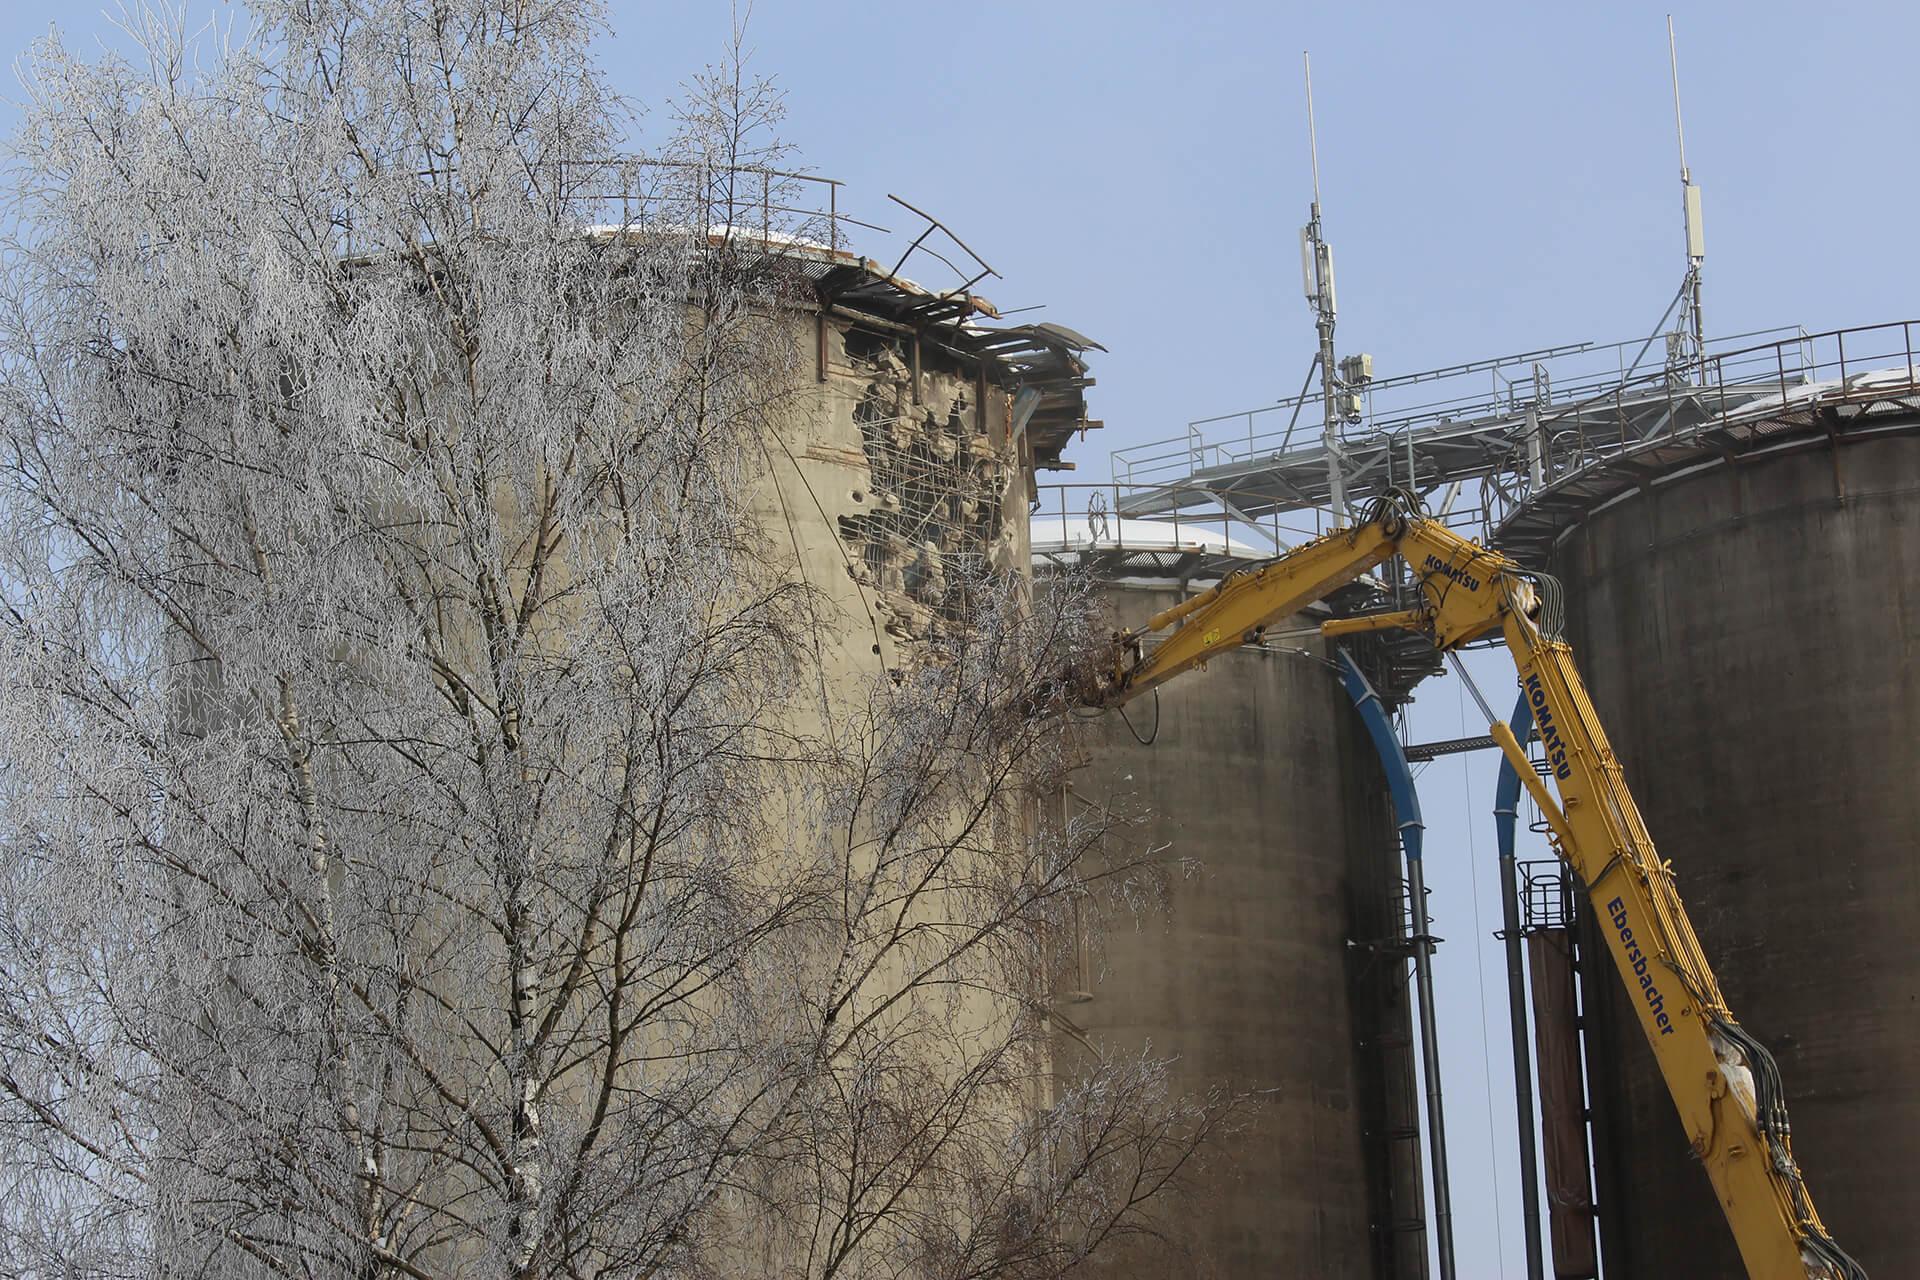 2016 begannen auf dem Hof die umfangreichen Abriss- und Umbauarbeiten von Ställen und Wirtschaftsgebäuden.